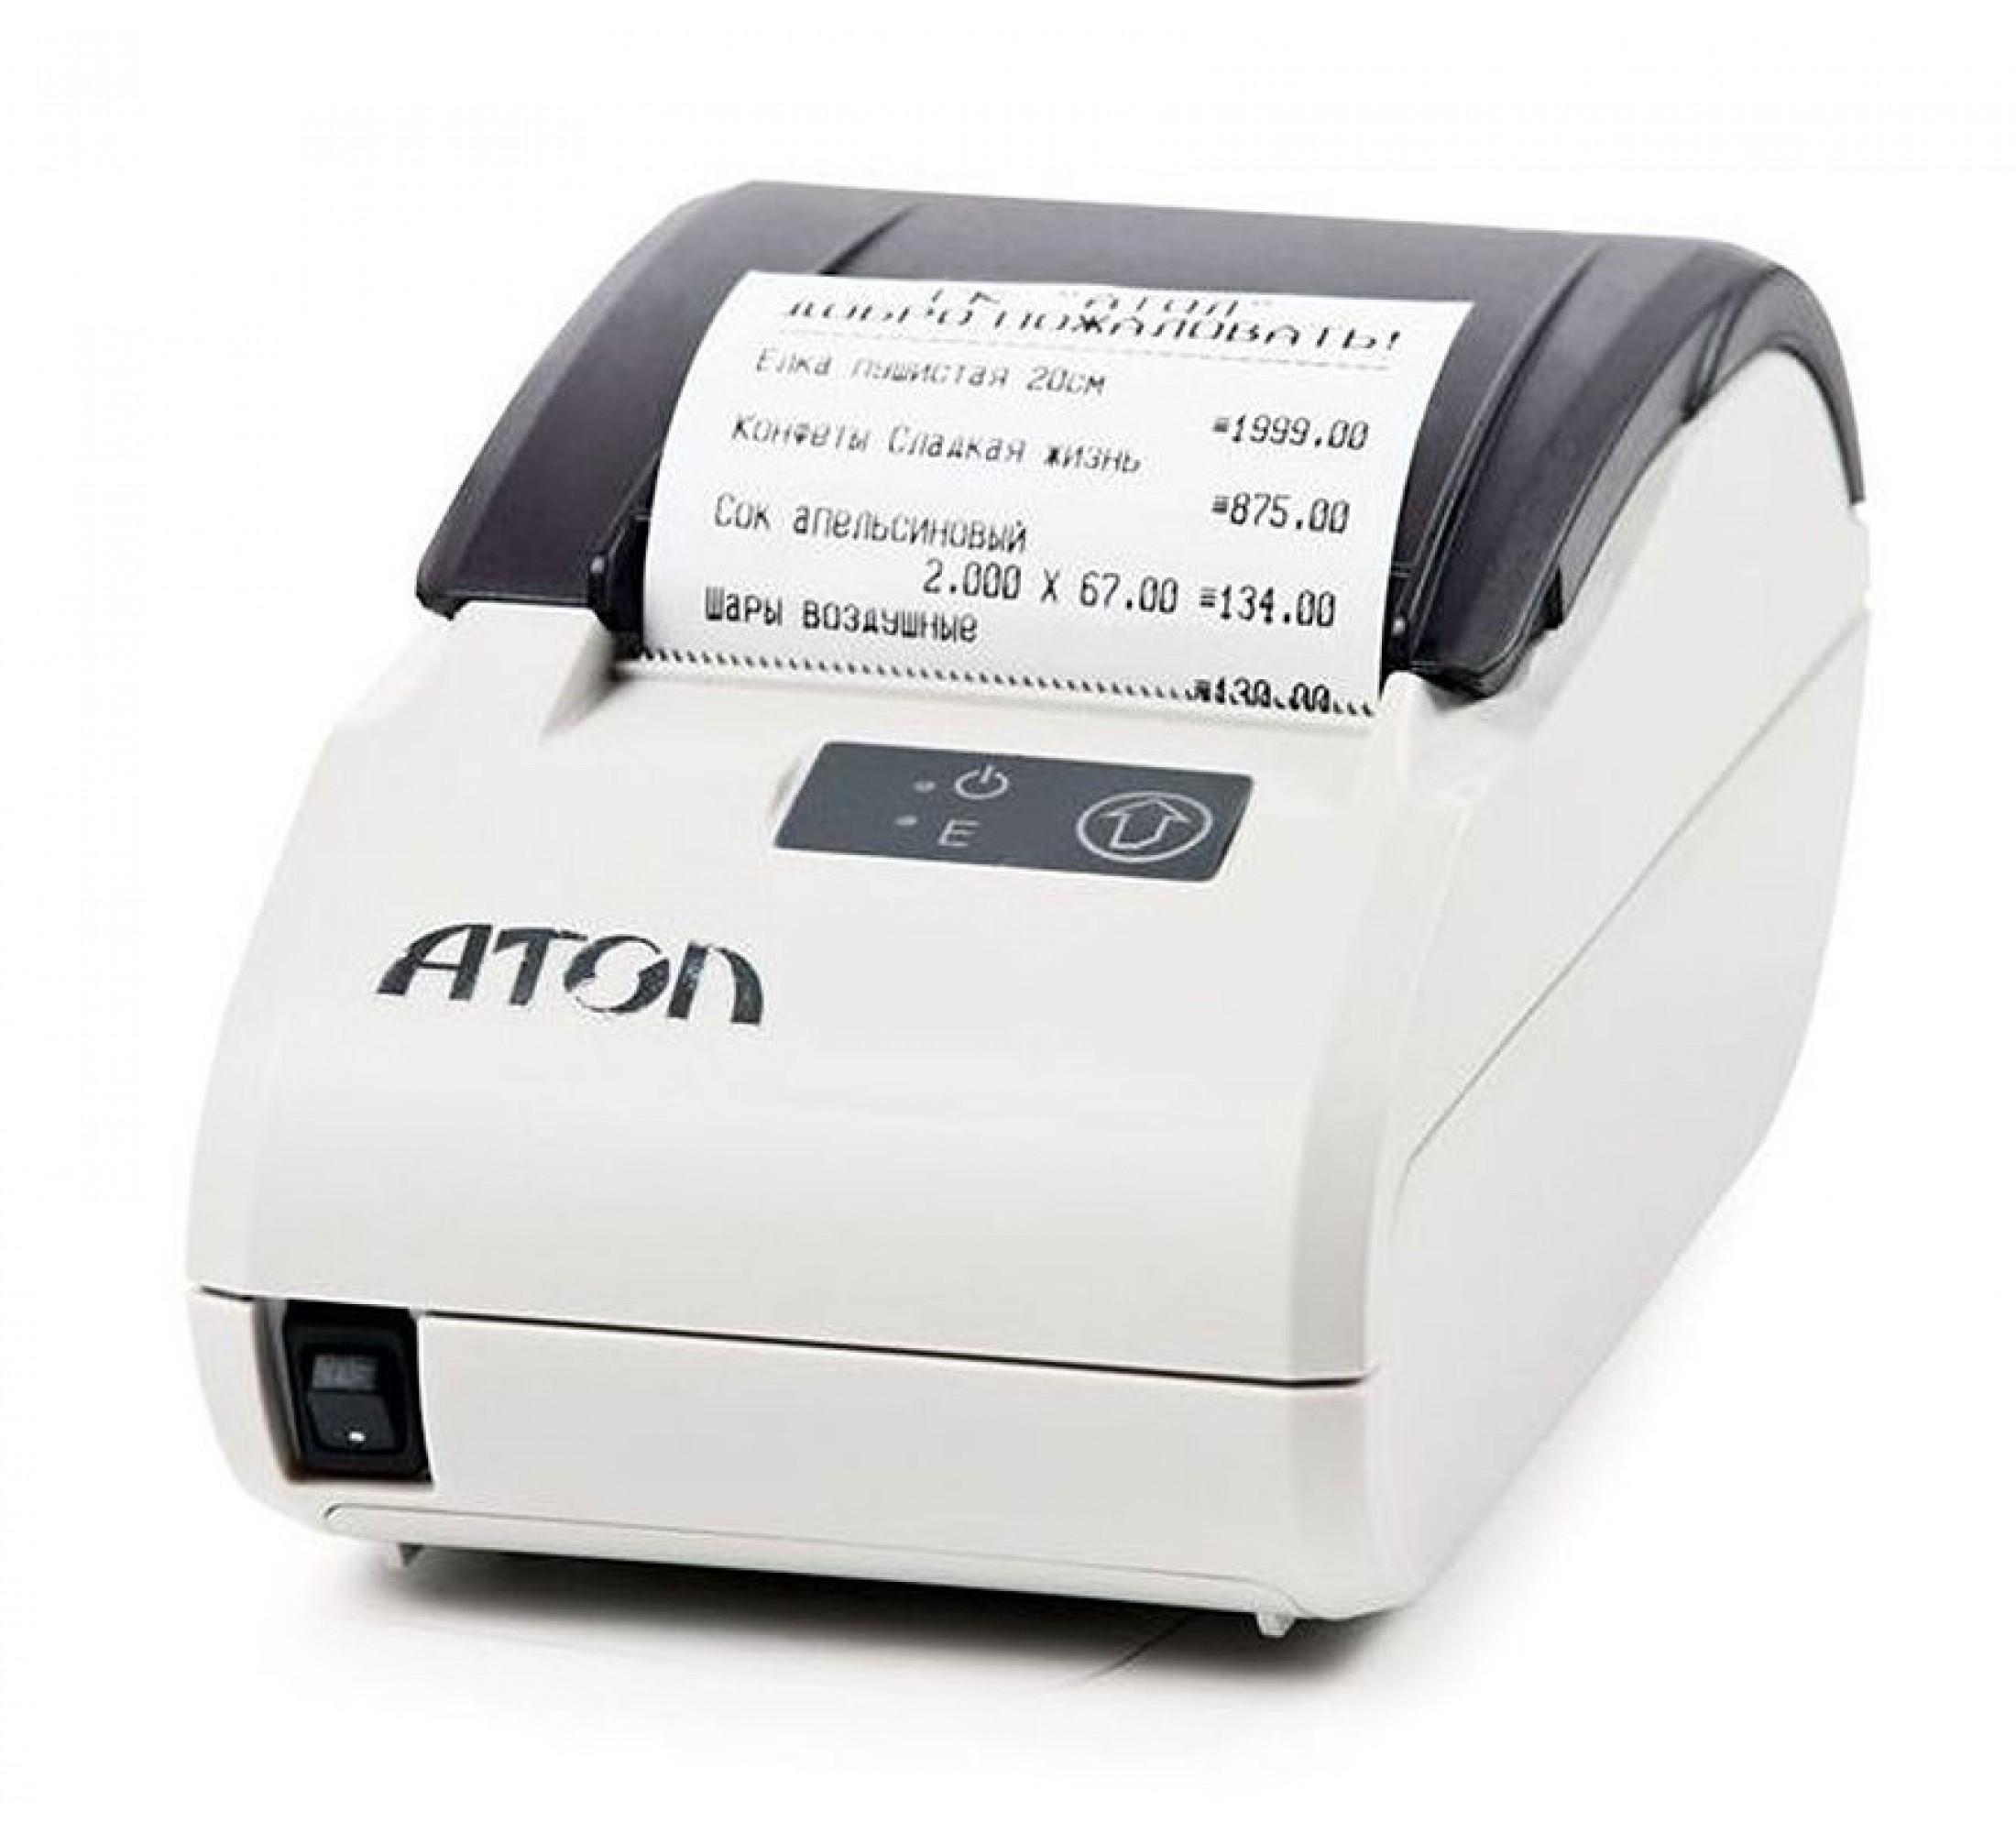 Фискальный регистратор АТОЛ 11Ф, Чёрный, белый, ФН 15 месяцев, RS+USB+АКЦИЯ!!! Сканер ШК или Детектор валют в подарок!